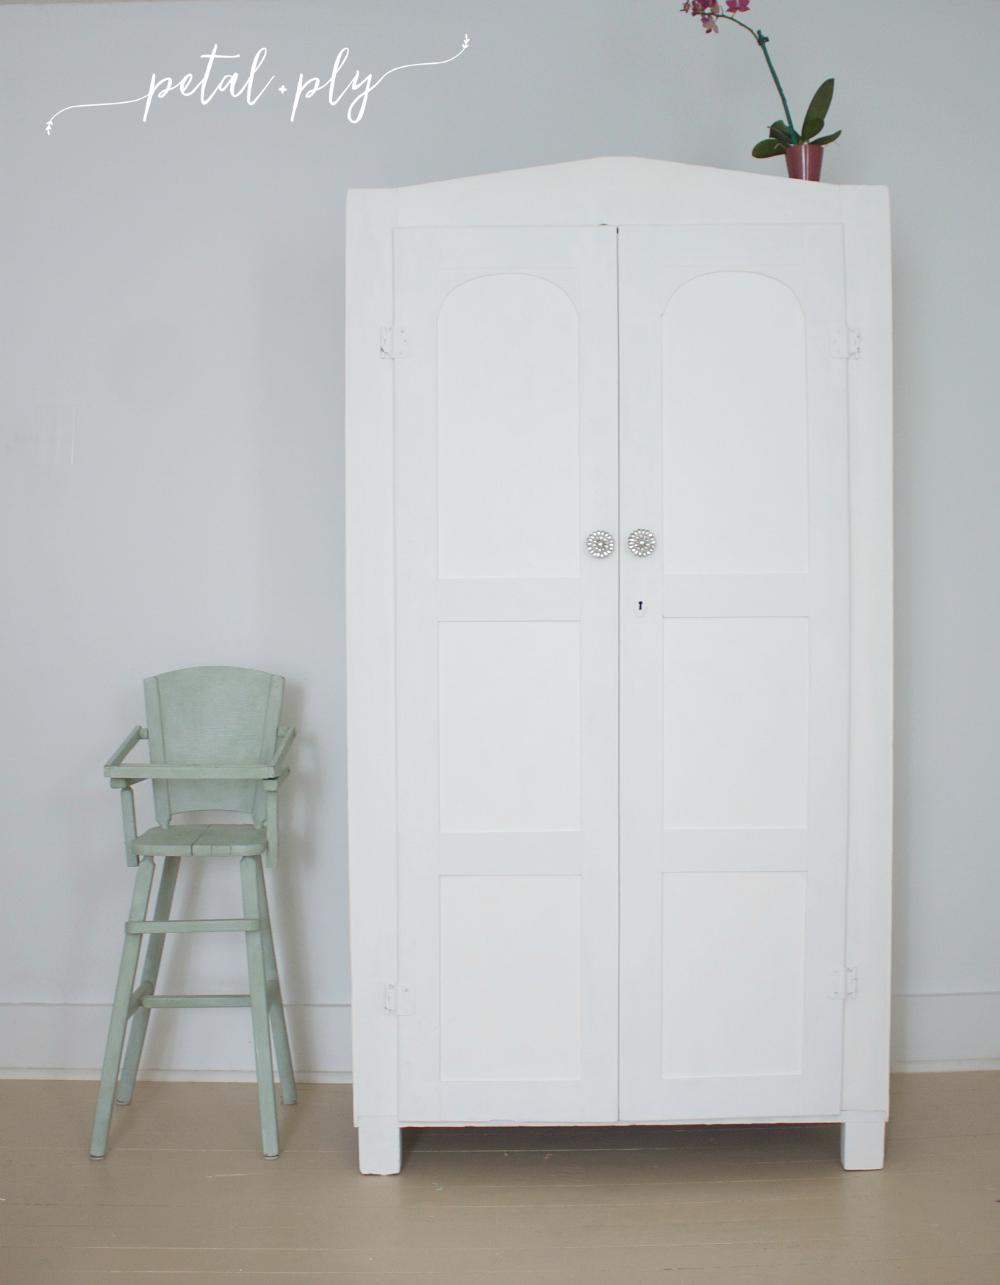 wm-vintage-armoire-DIY-paint-trim